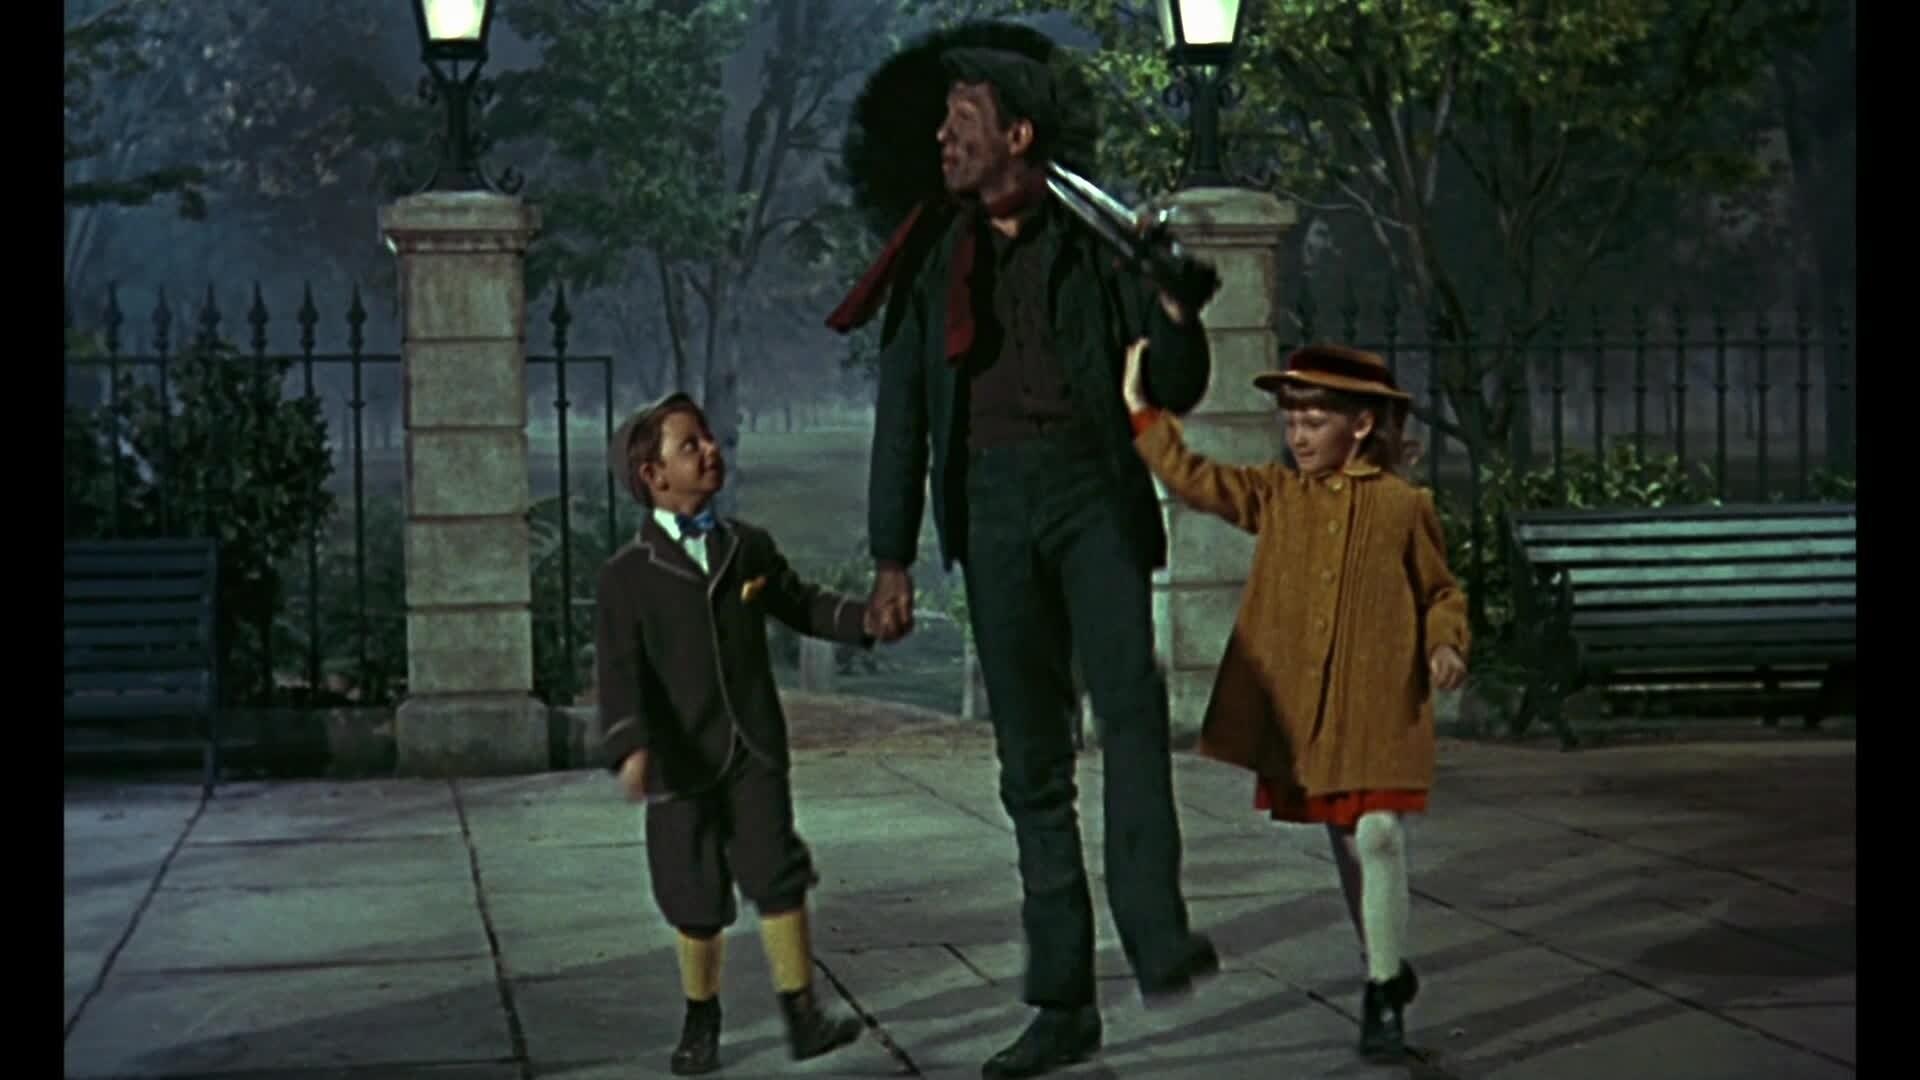 Mary Poppins - Chanson : Chem-cheminée (par Bert et les enfants)